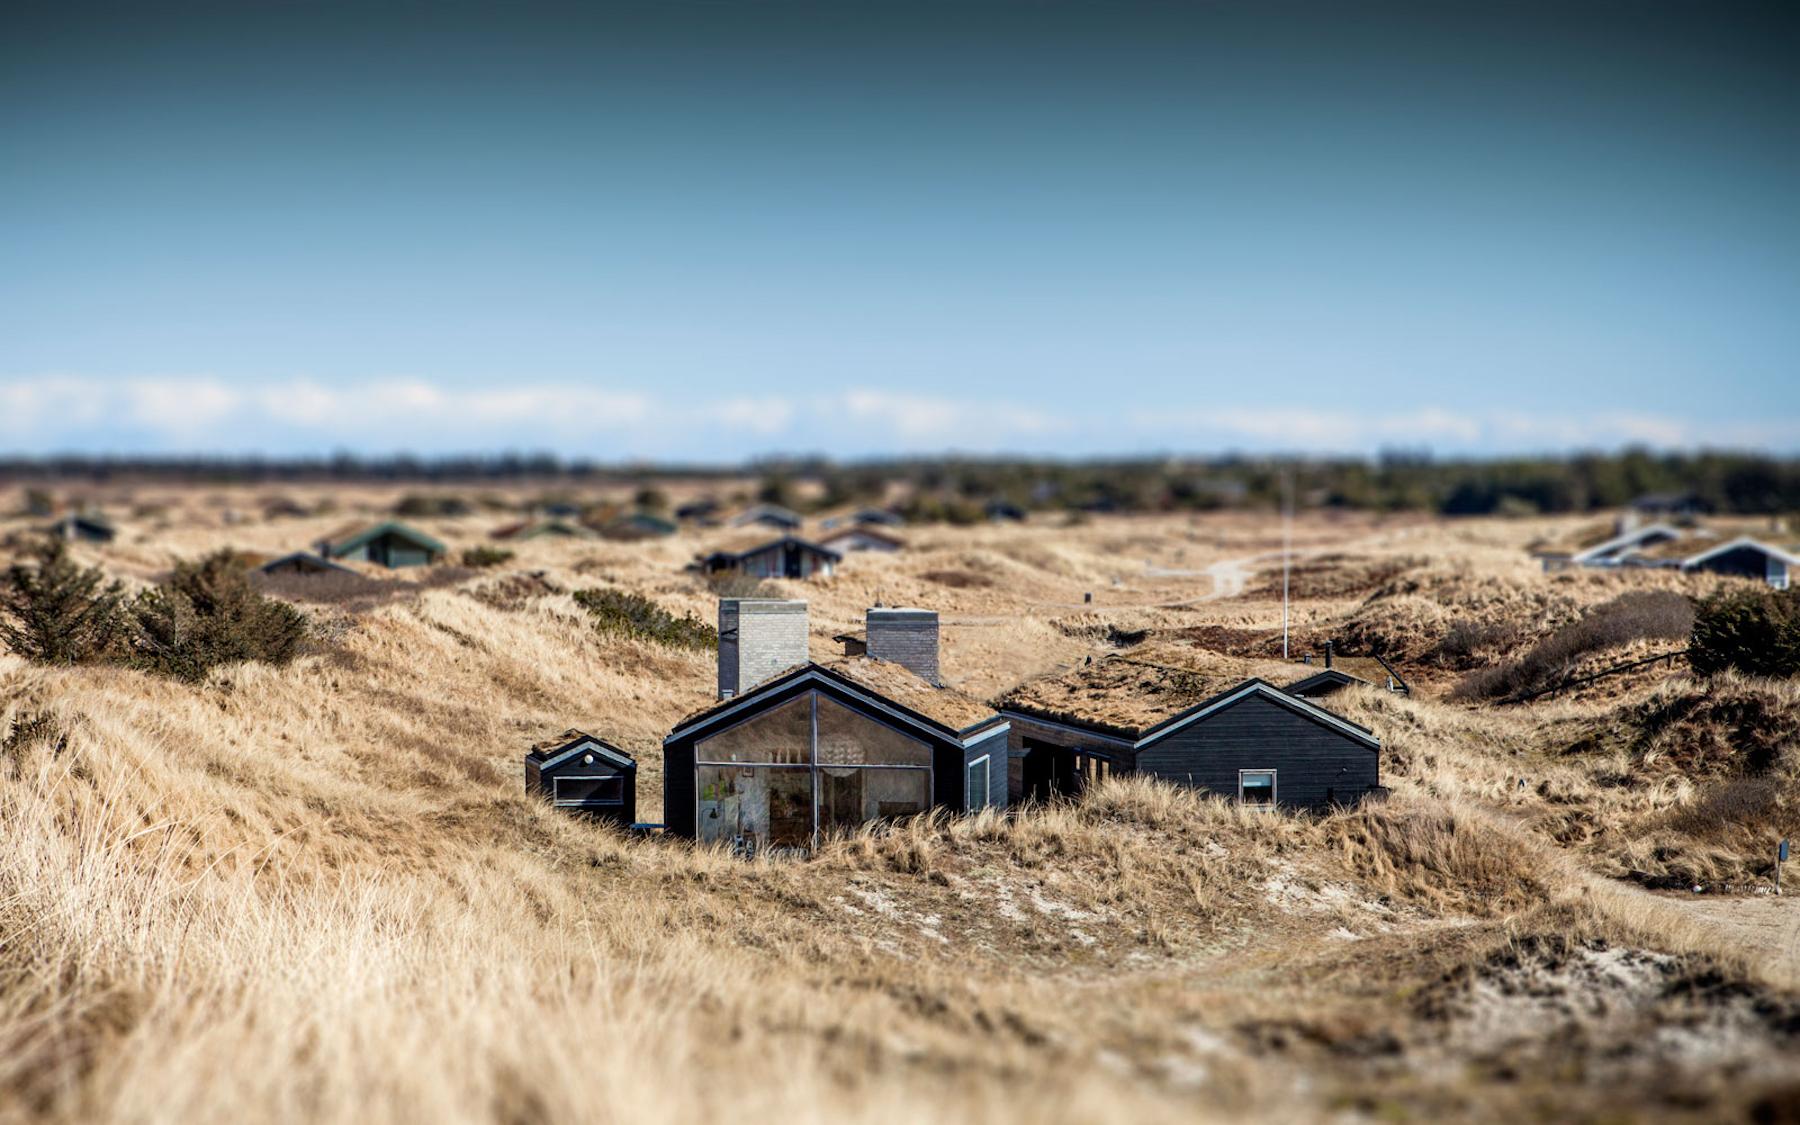 Arquitectura del paisaje por Kassow Arkitekter. Proyecto Sommerhus en Dinamarca